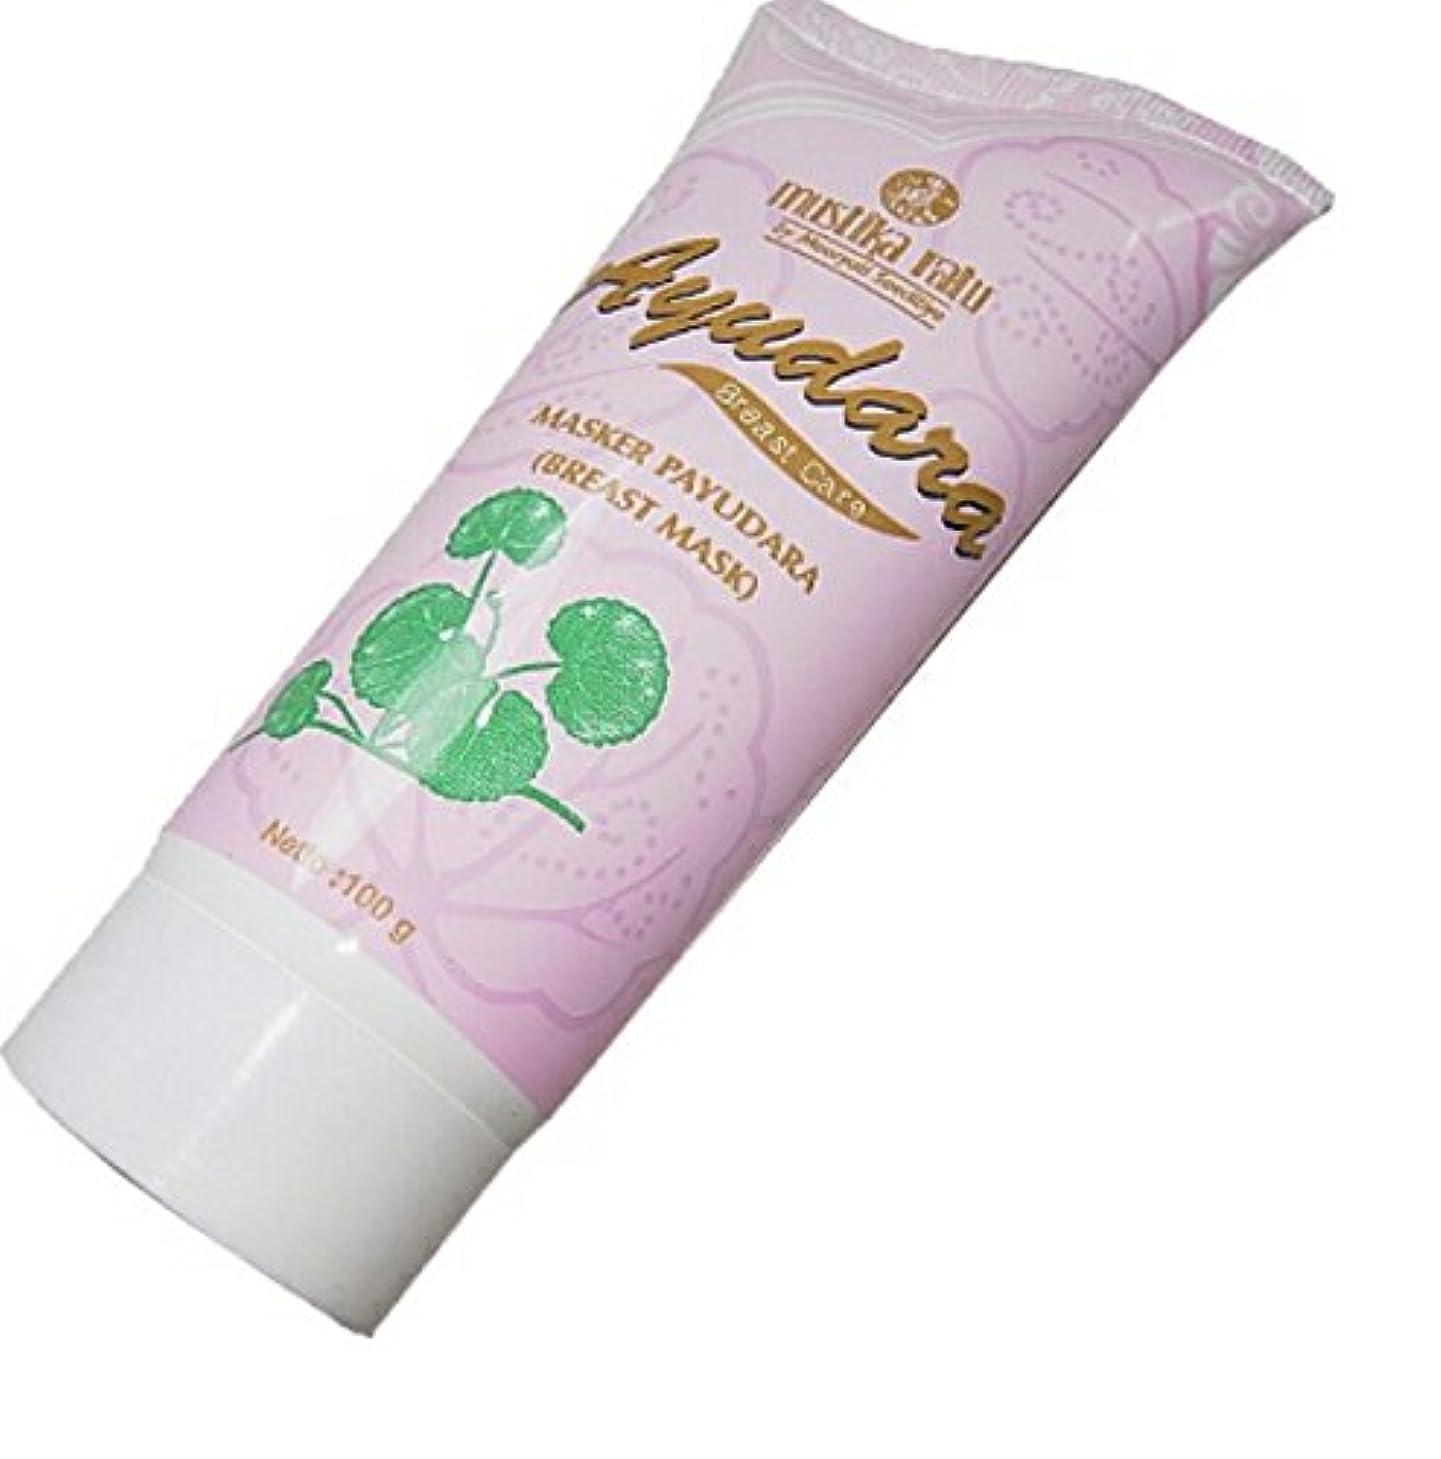 スリットマニフェスト贅沢なMustika ratu Ayu Dara ムスティカラトゥayudara乳房マスクオーガニック100grは美しい、より高密度の美乳になり